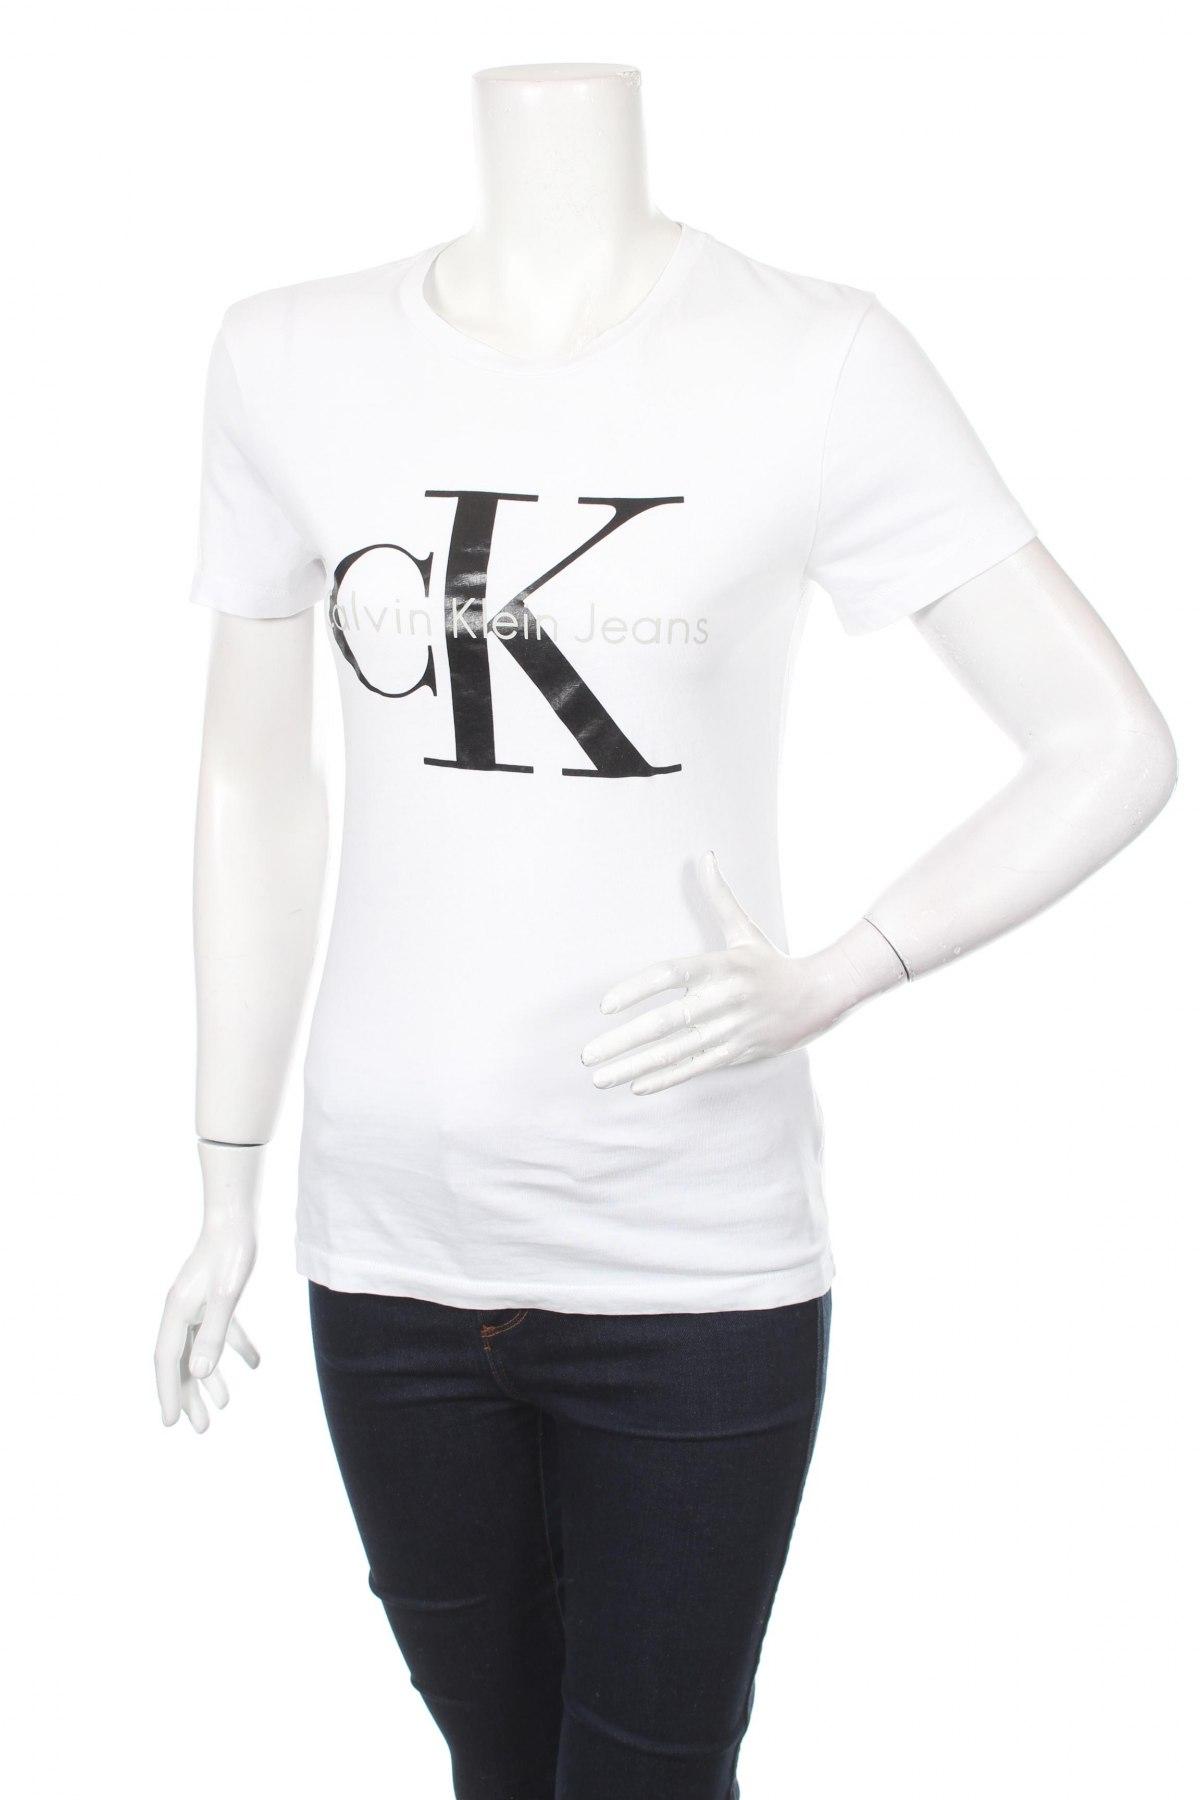 945cb954b0b6 Dámske tričko Calvin Klein Jeans - za výhodné ceny na Remix -  104073631